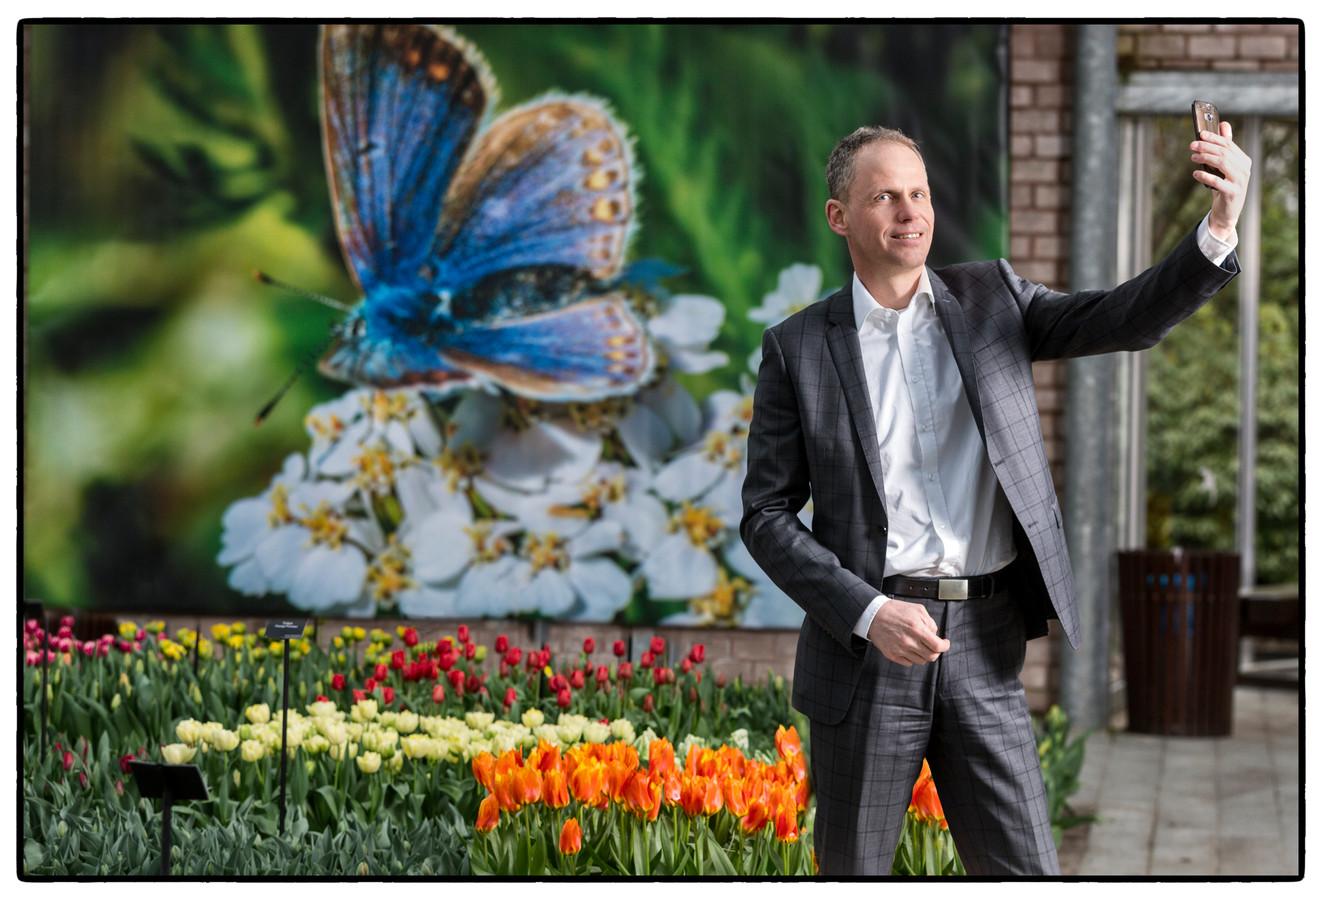 Bart Siemerink, directeur van de Keukenhof